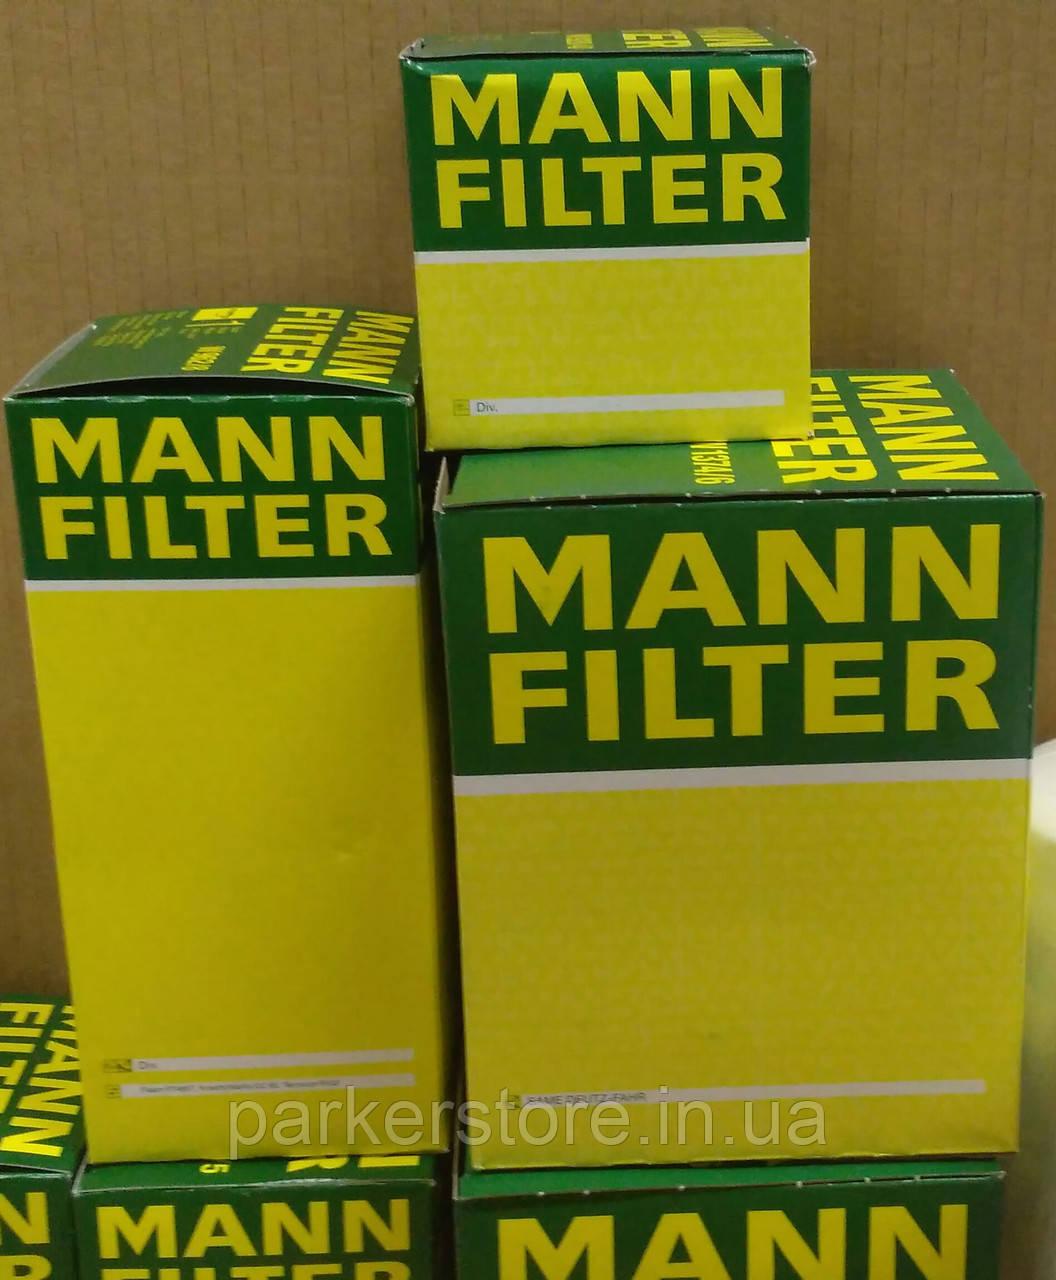 MANN FILTER / Повітряний фільтр / C 24 021 / C24021